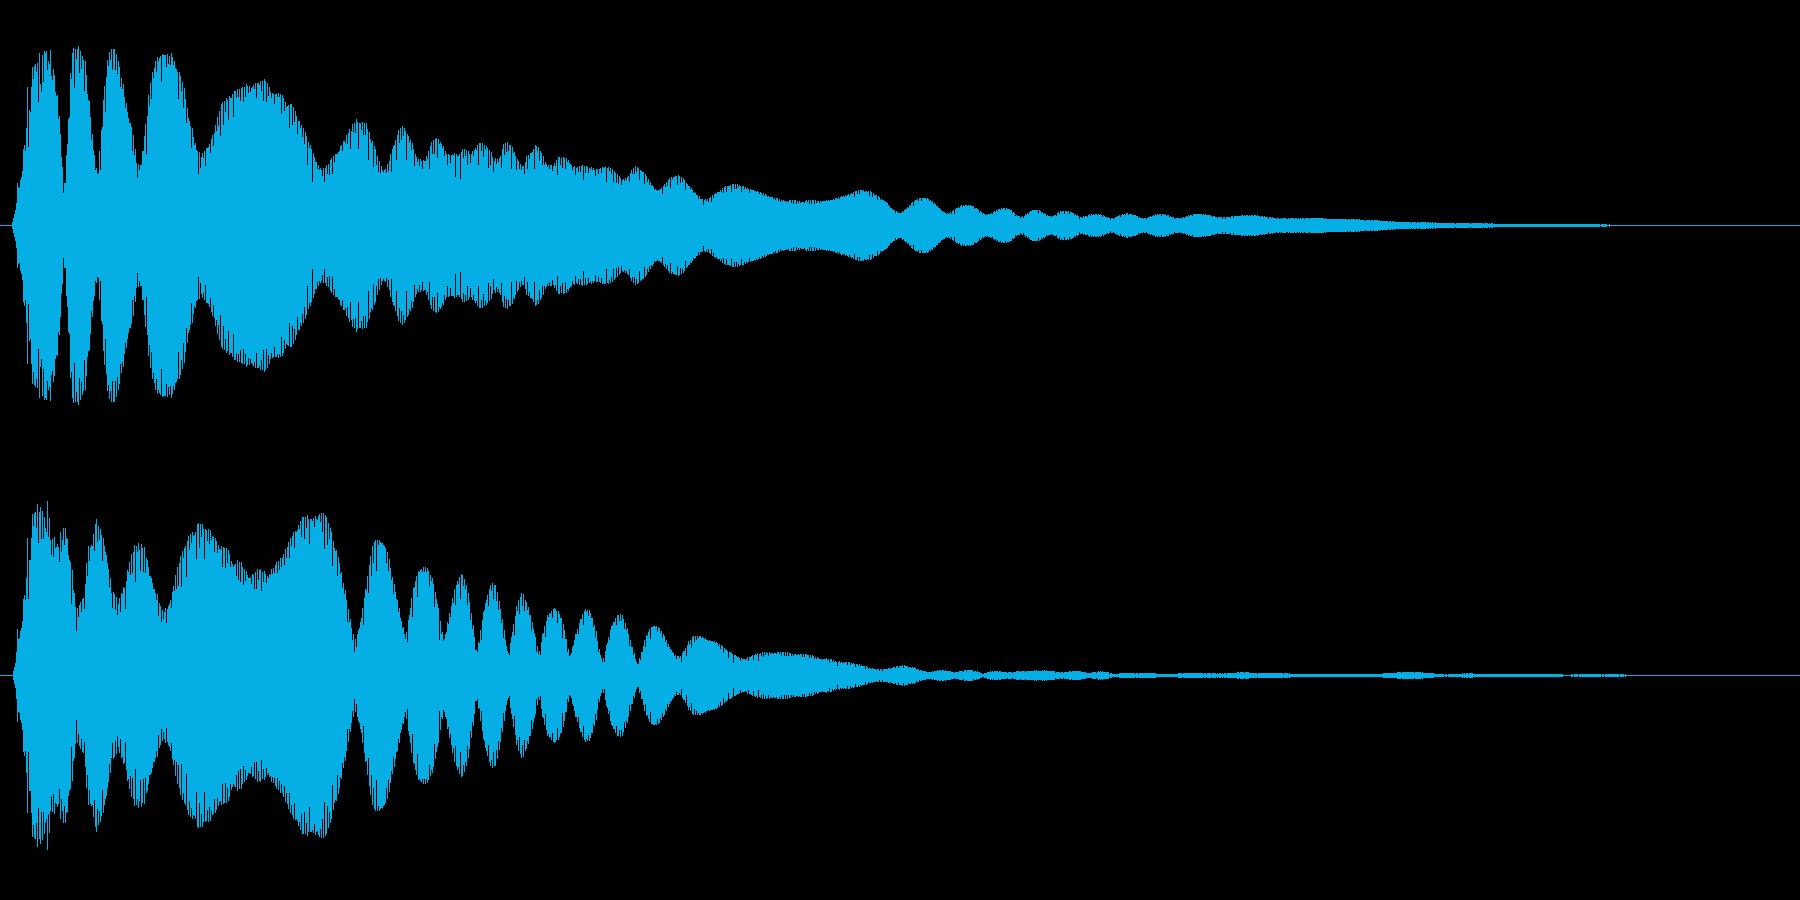 キーン(金属を叩いた音)の再生済みの波形